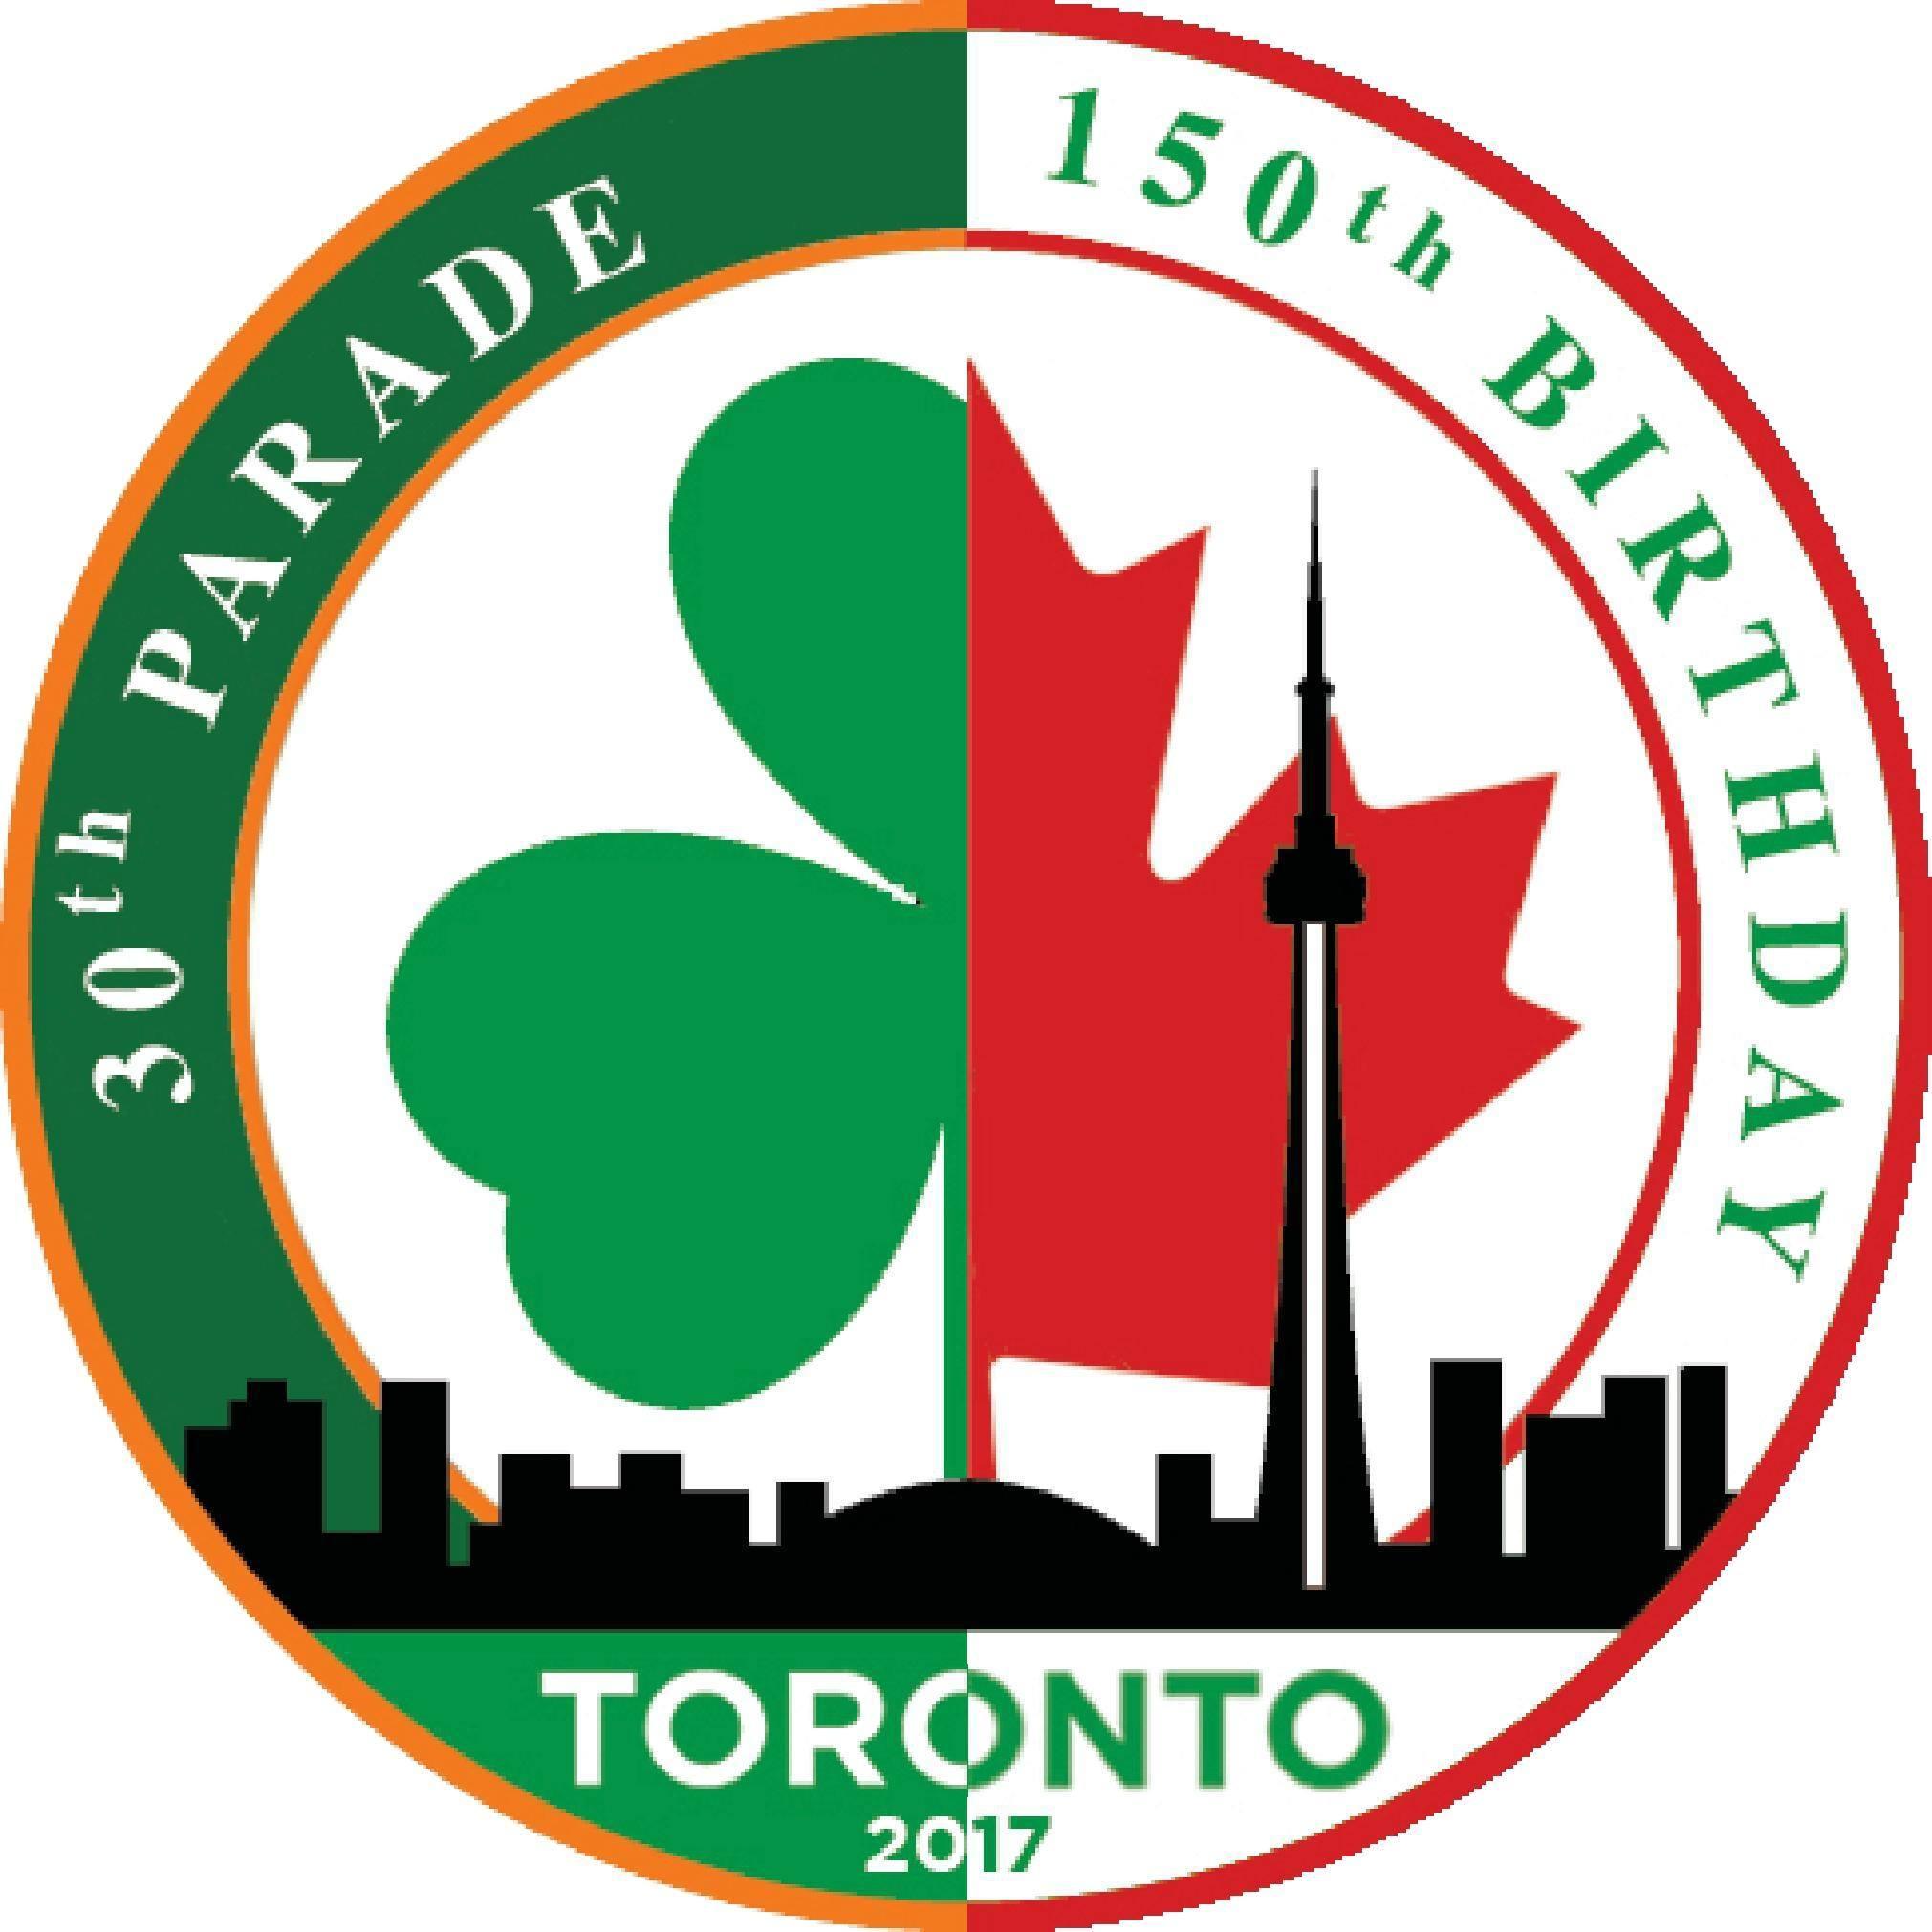 St Patrick's Parade Toronto